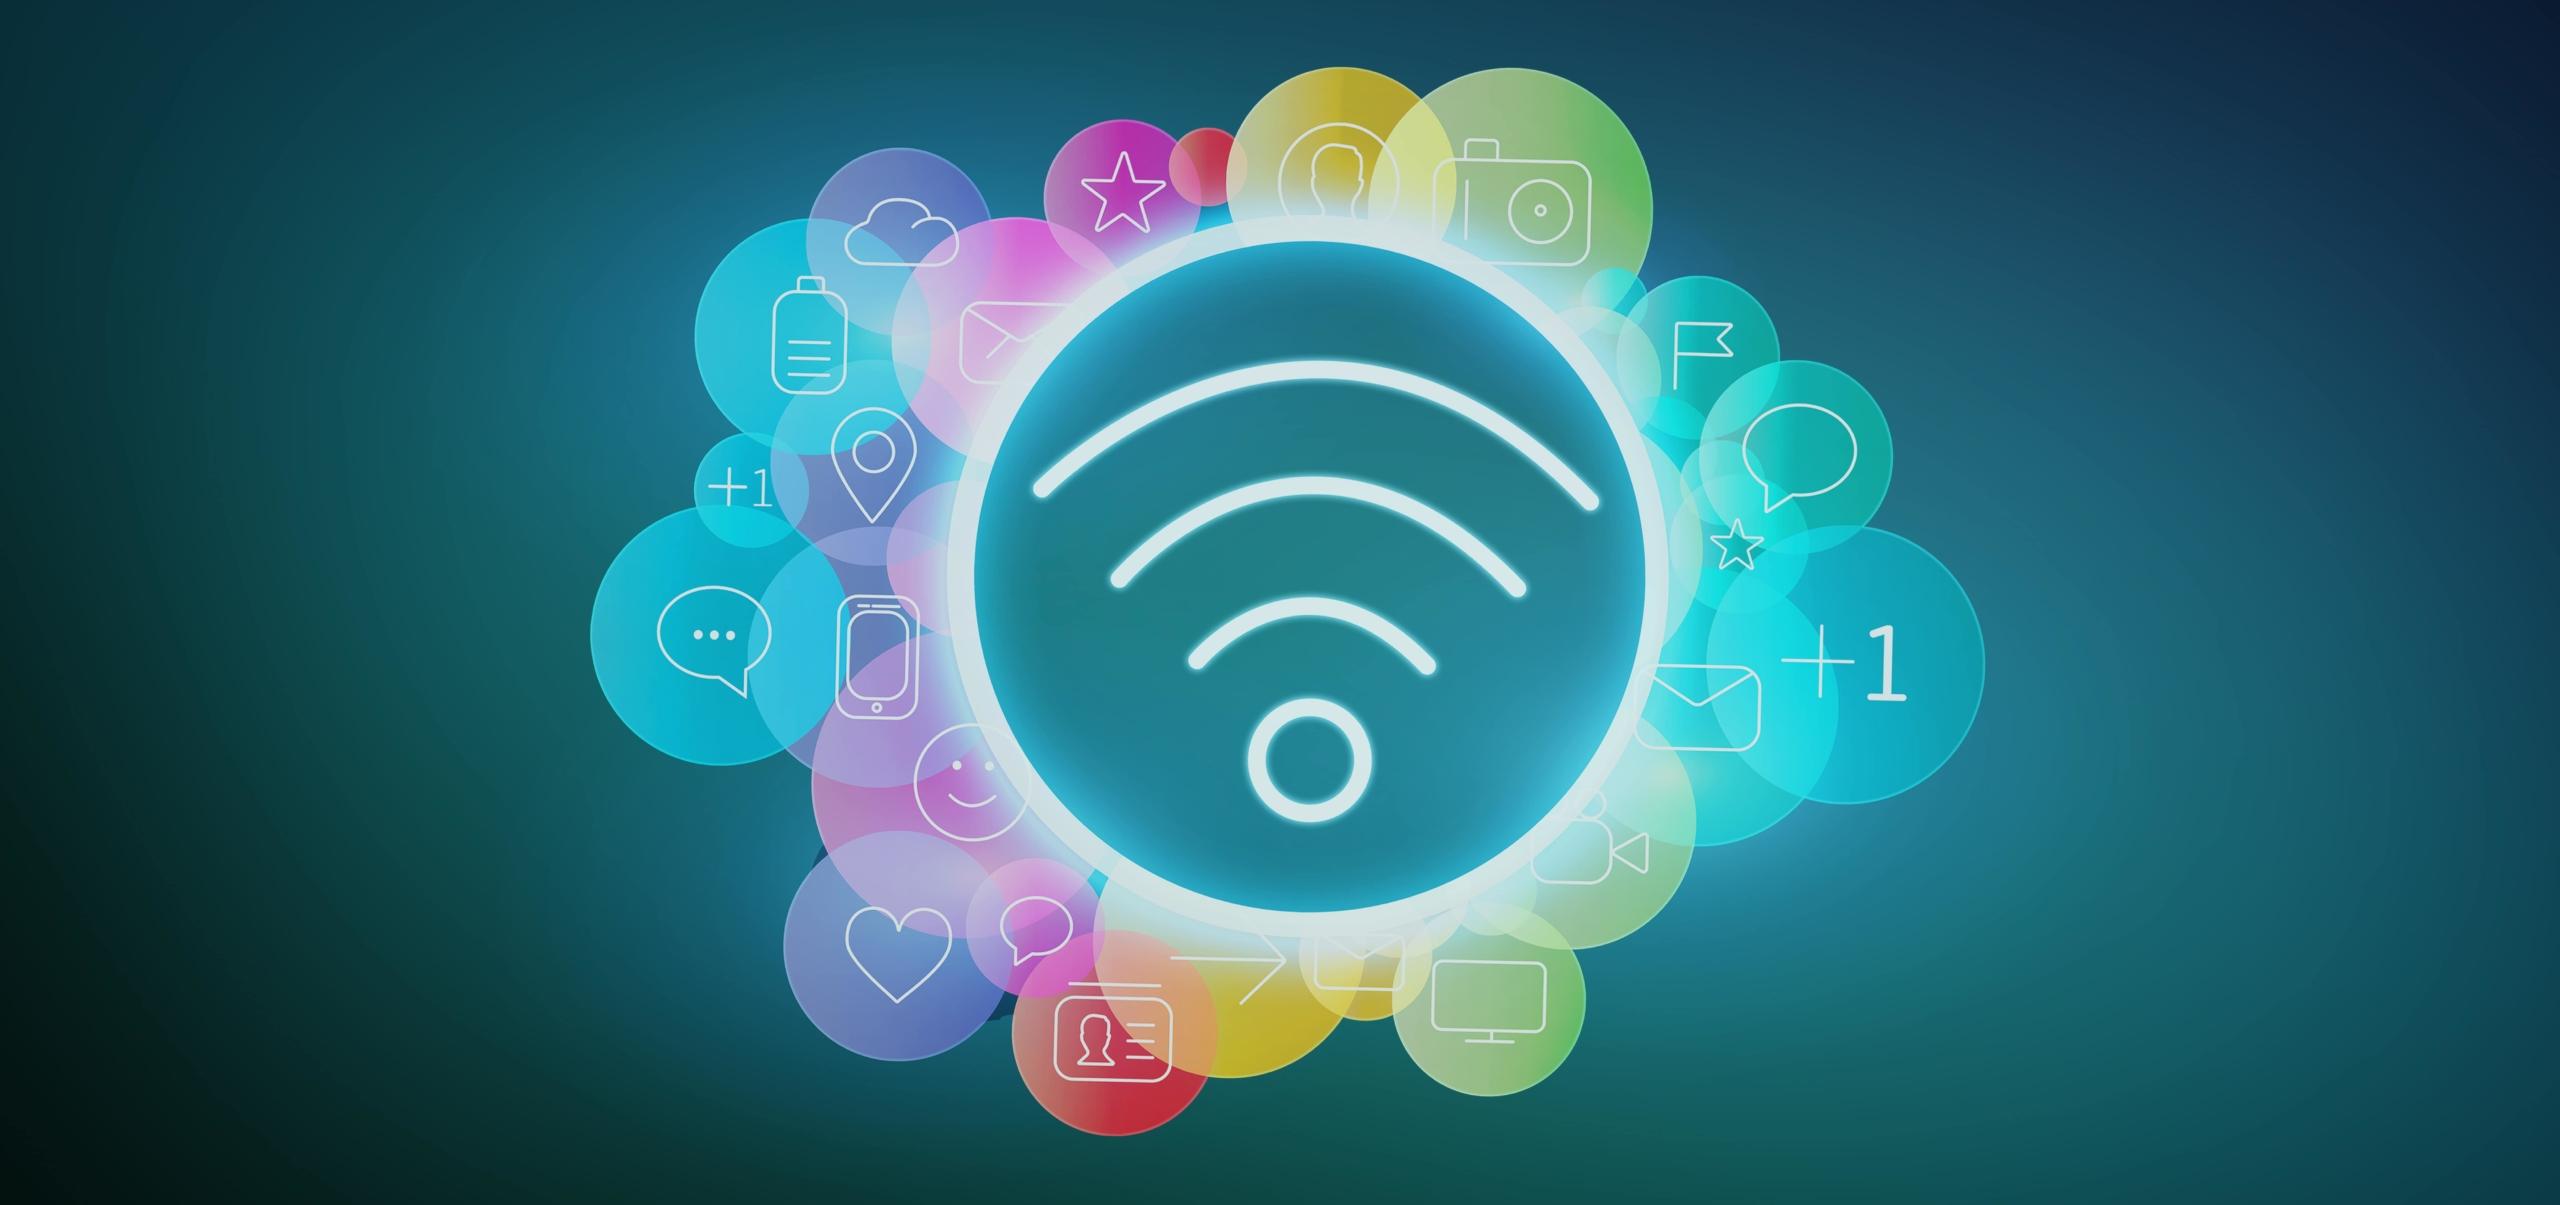 wifi-6e-iniziati-i-lavori